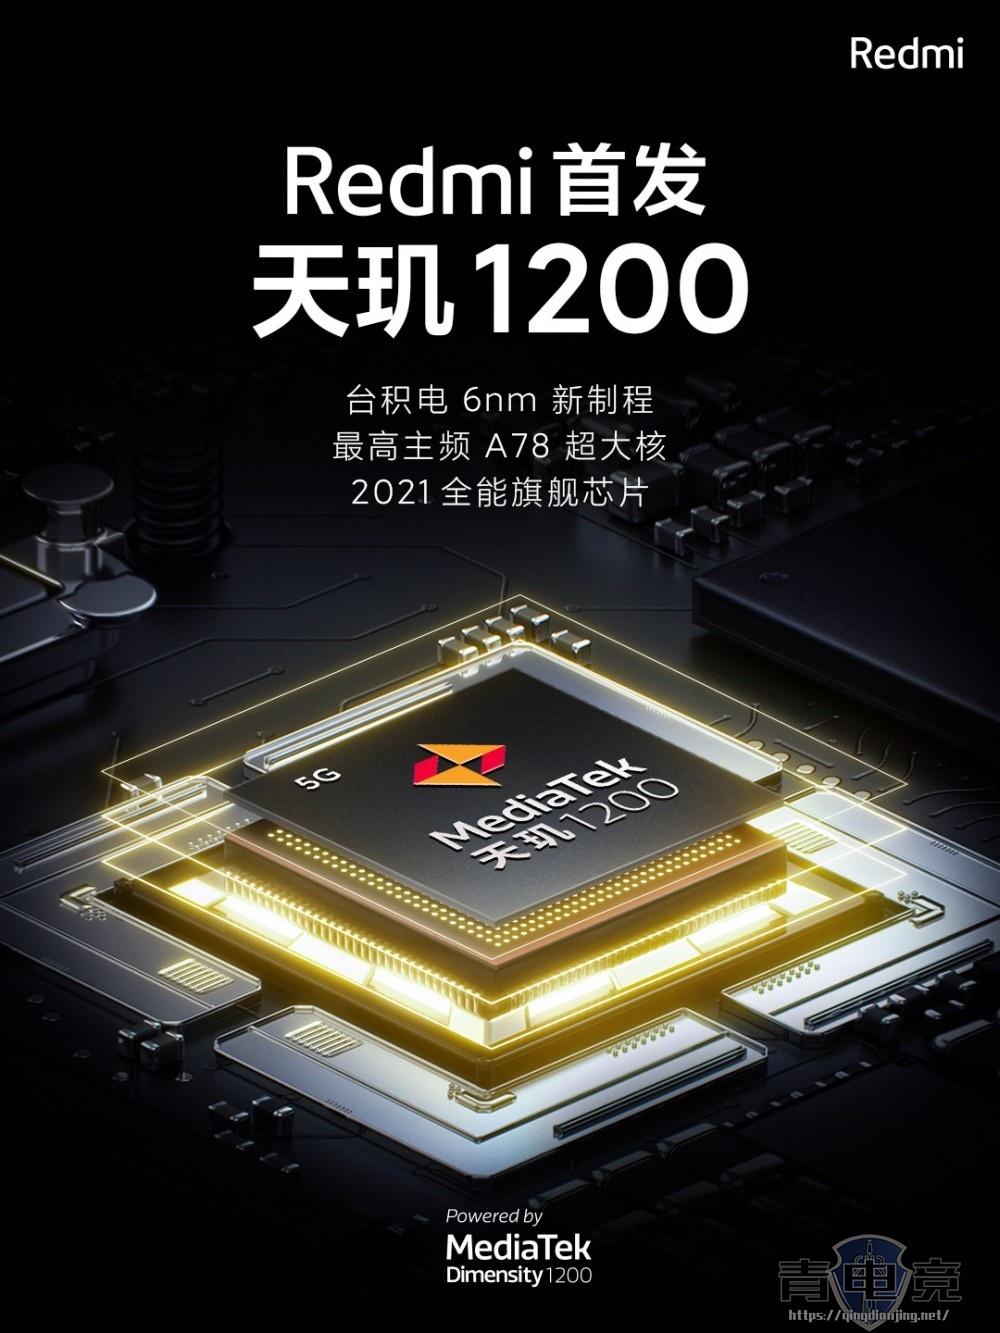 Redmi首款电竞手机官宣!全球首发天玑1200